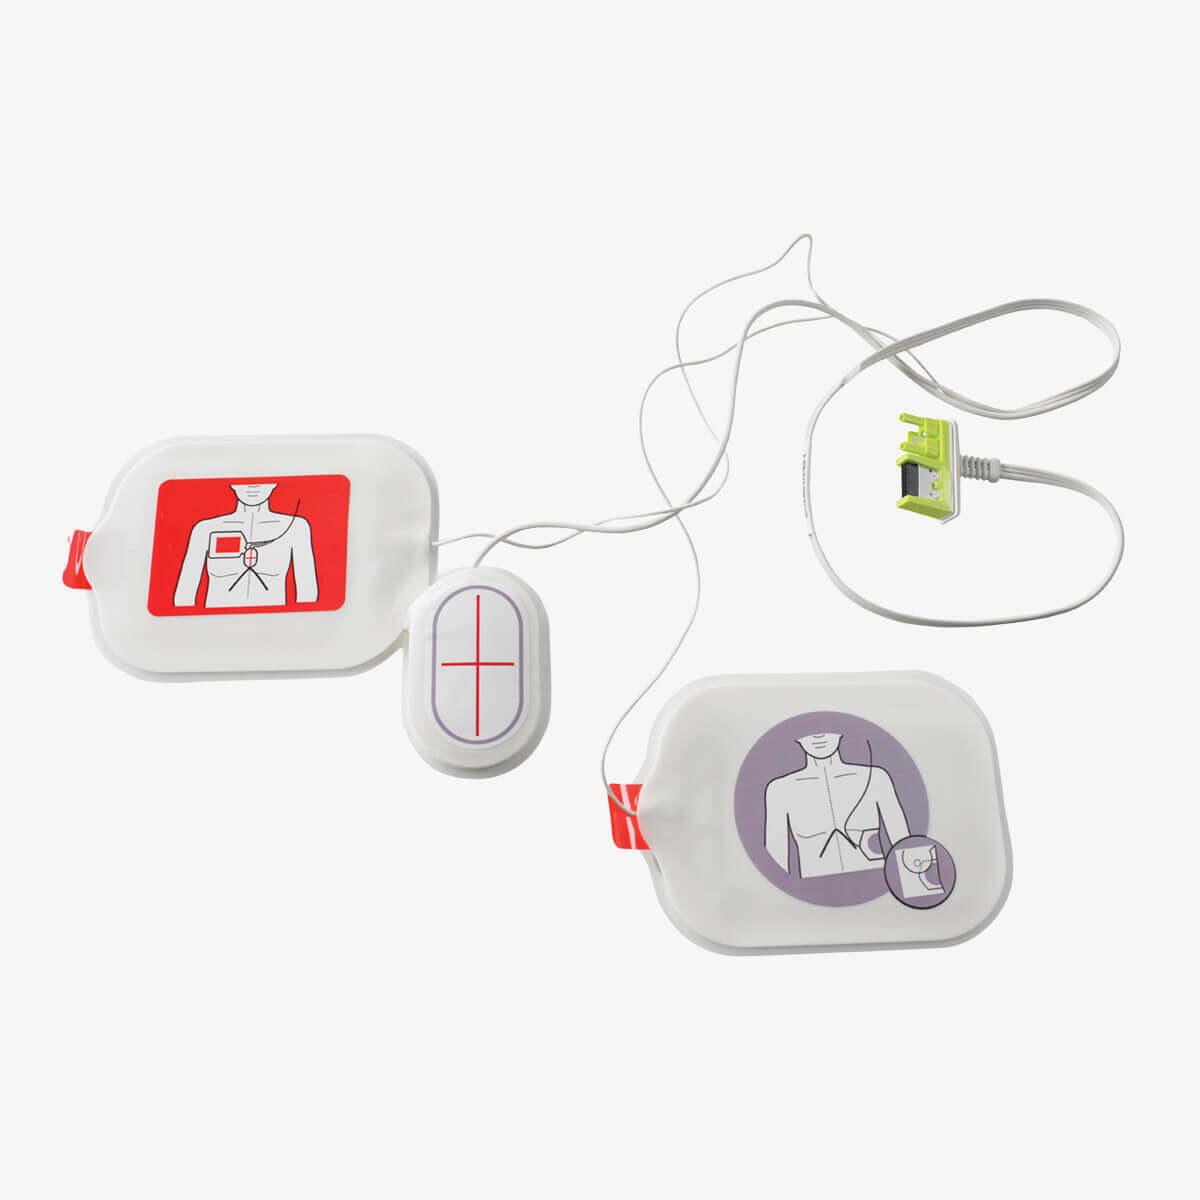 Therapieelektrode ZOLL CPR Stat-padz für ZOLL AED Plus